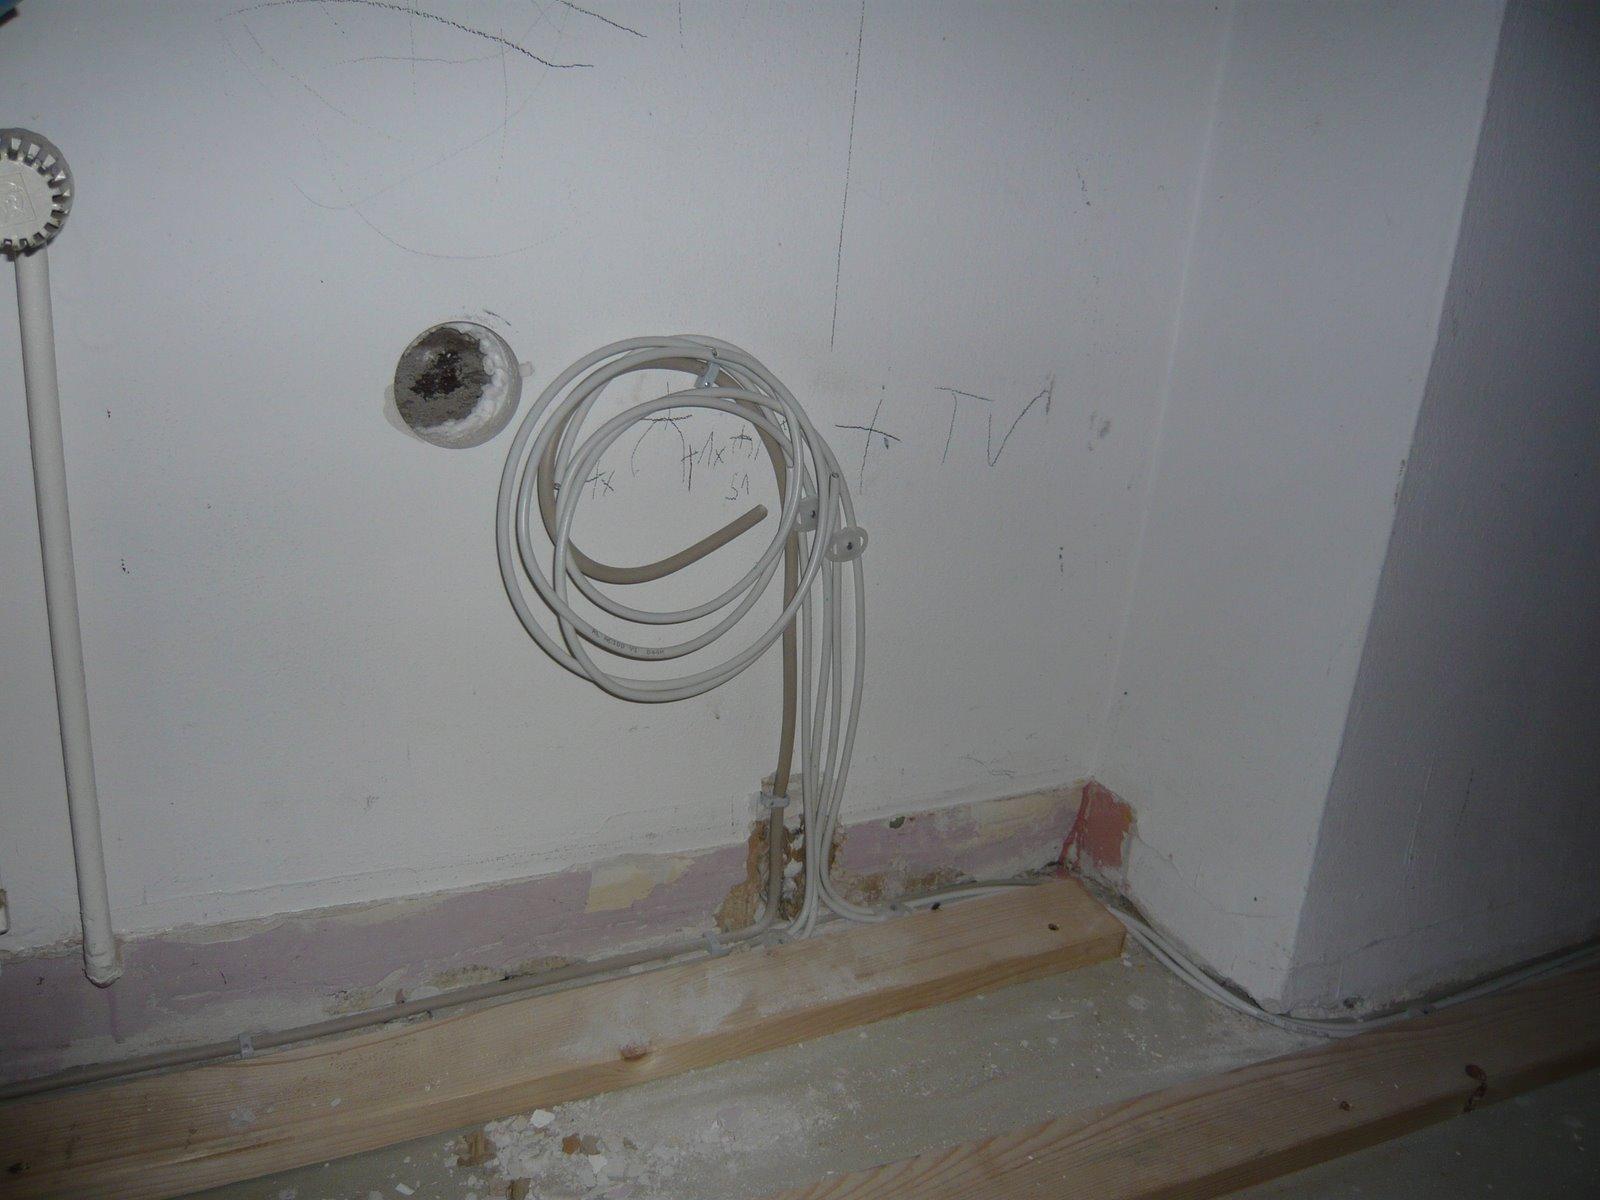 Kabel Im Fußboden Verlegen ~ Mopsis baublog: wunder geschehen die elektrik kommt